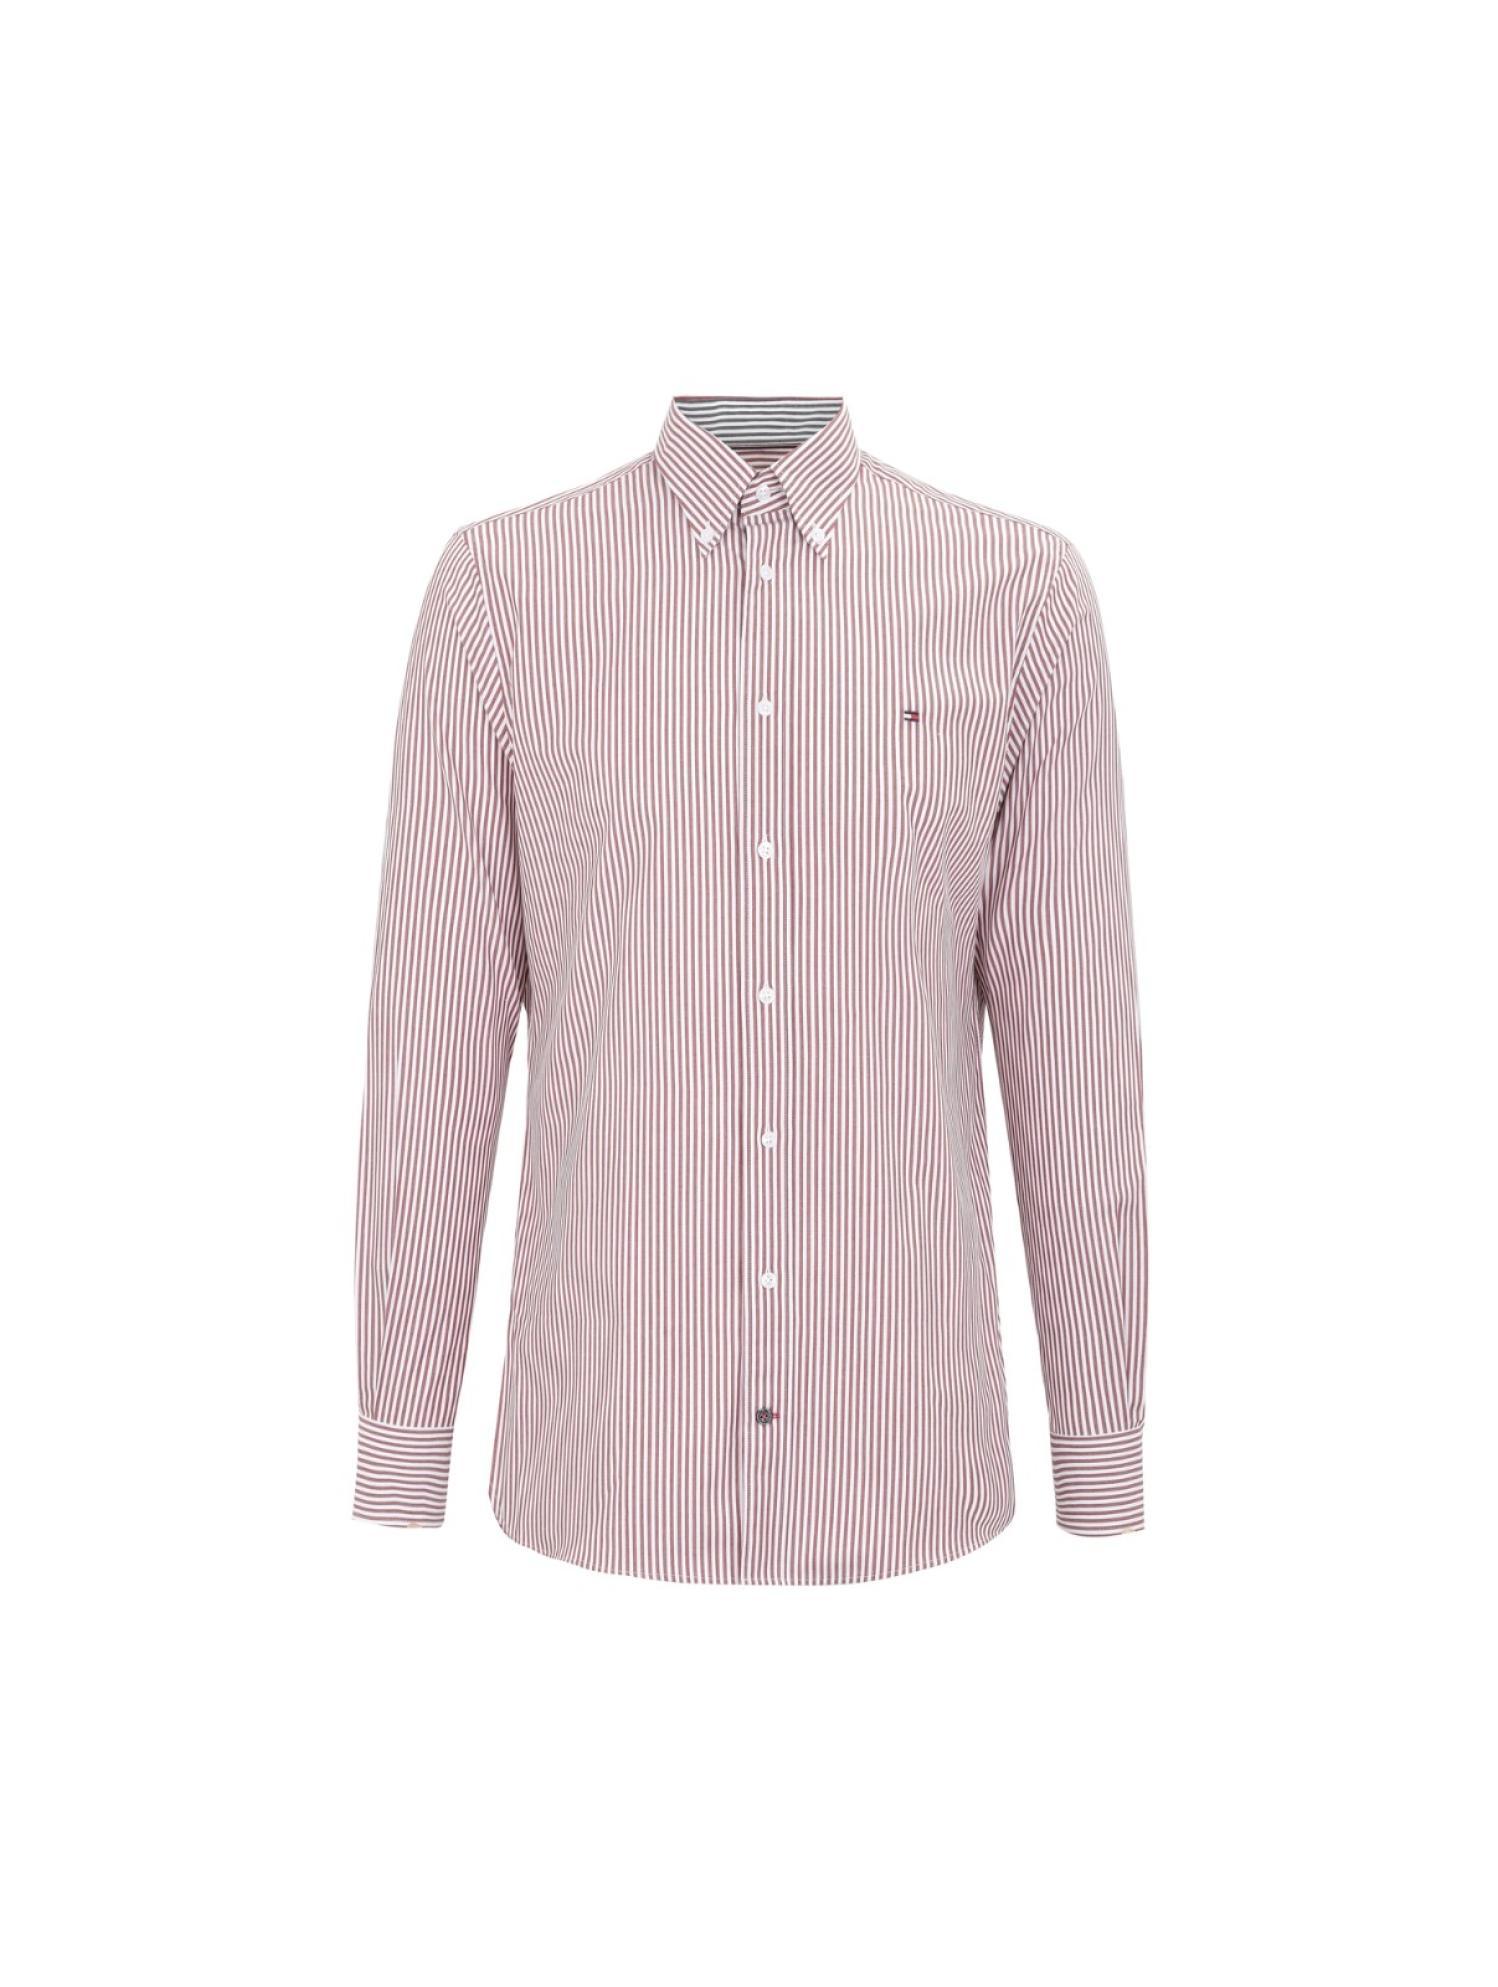 条纹长袖衬衫